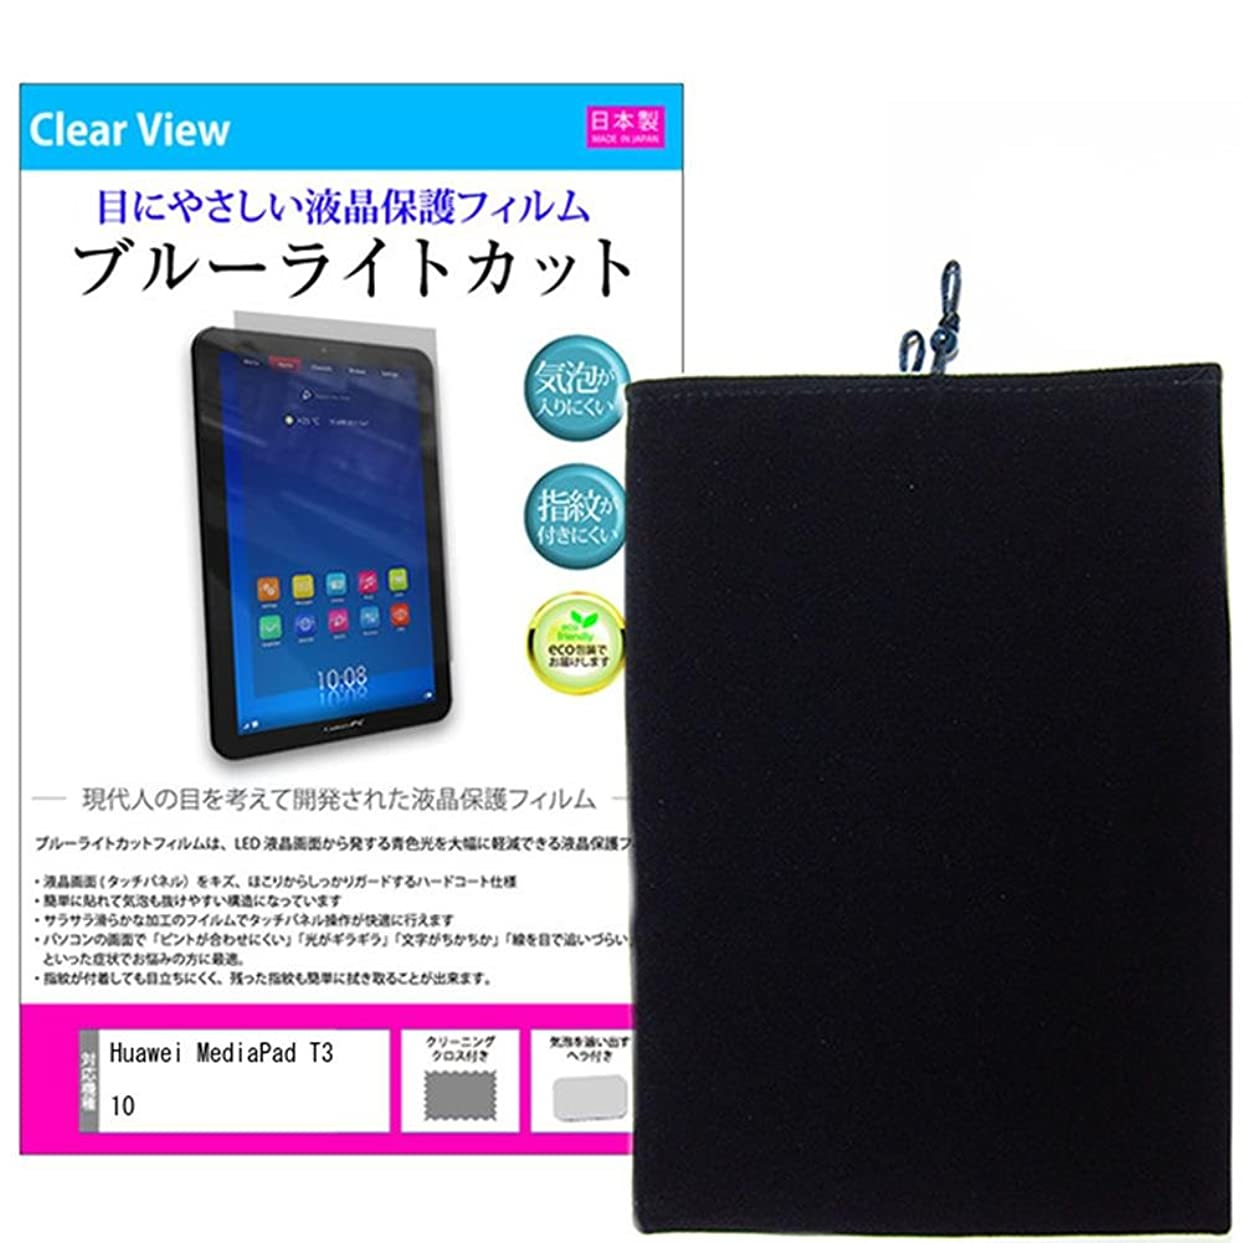 選択他の日溶接メディアカバーマーケット Huawei MediaPad T3 10 [9.6インチ(1280x800)]機種で使える【タブレットポーチケース と ブルーライトカット液晶保護フィルム のセット】 反射防止 指紋防止 気泡レス 抗菌